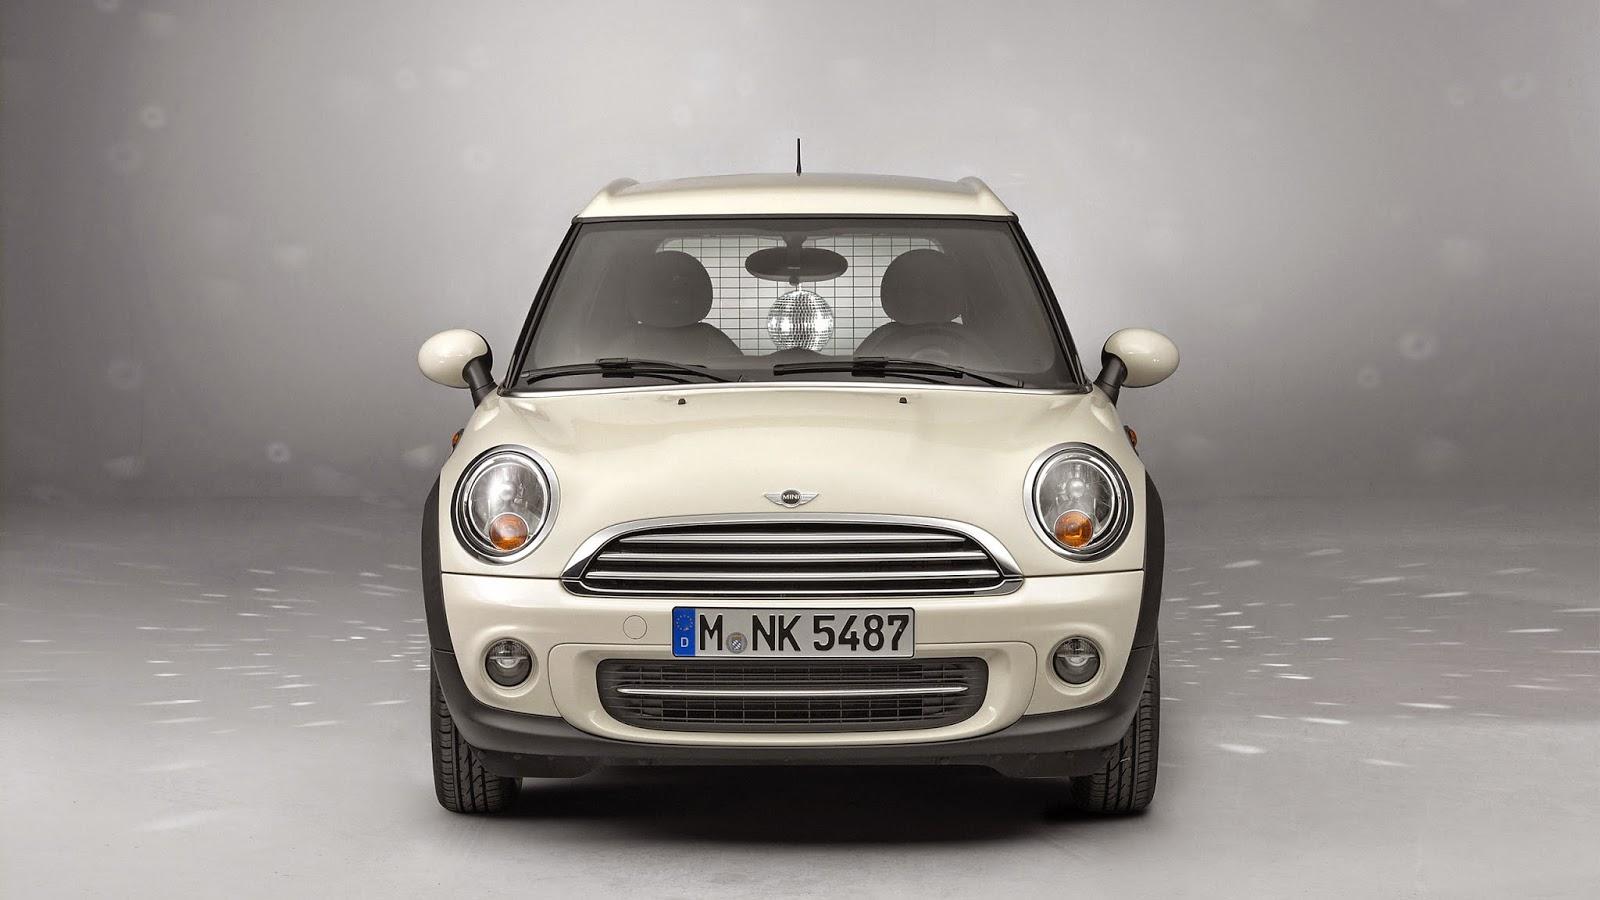 Foto Mobil Mini Cooper Modifikasi Unik